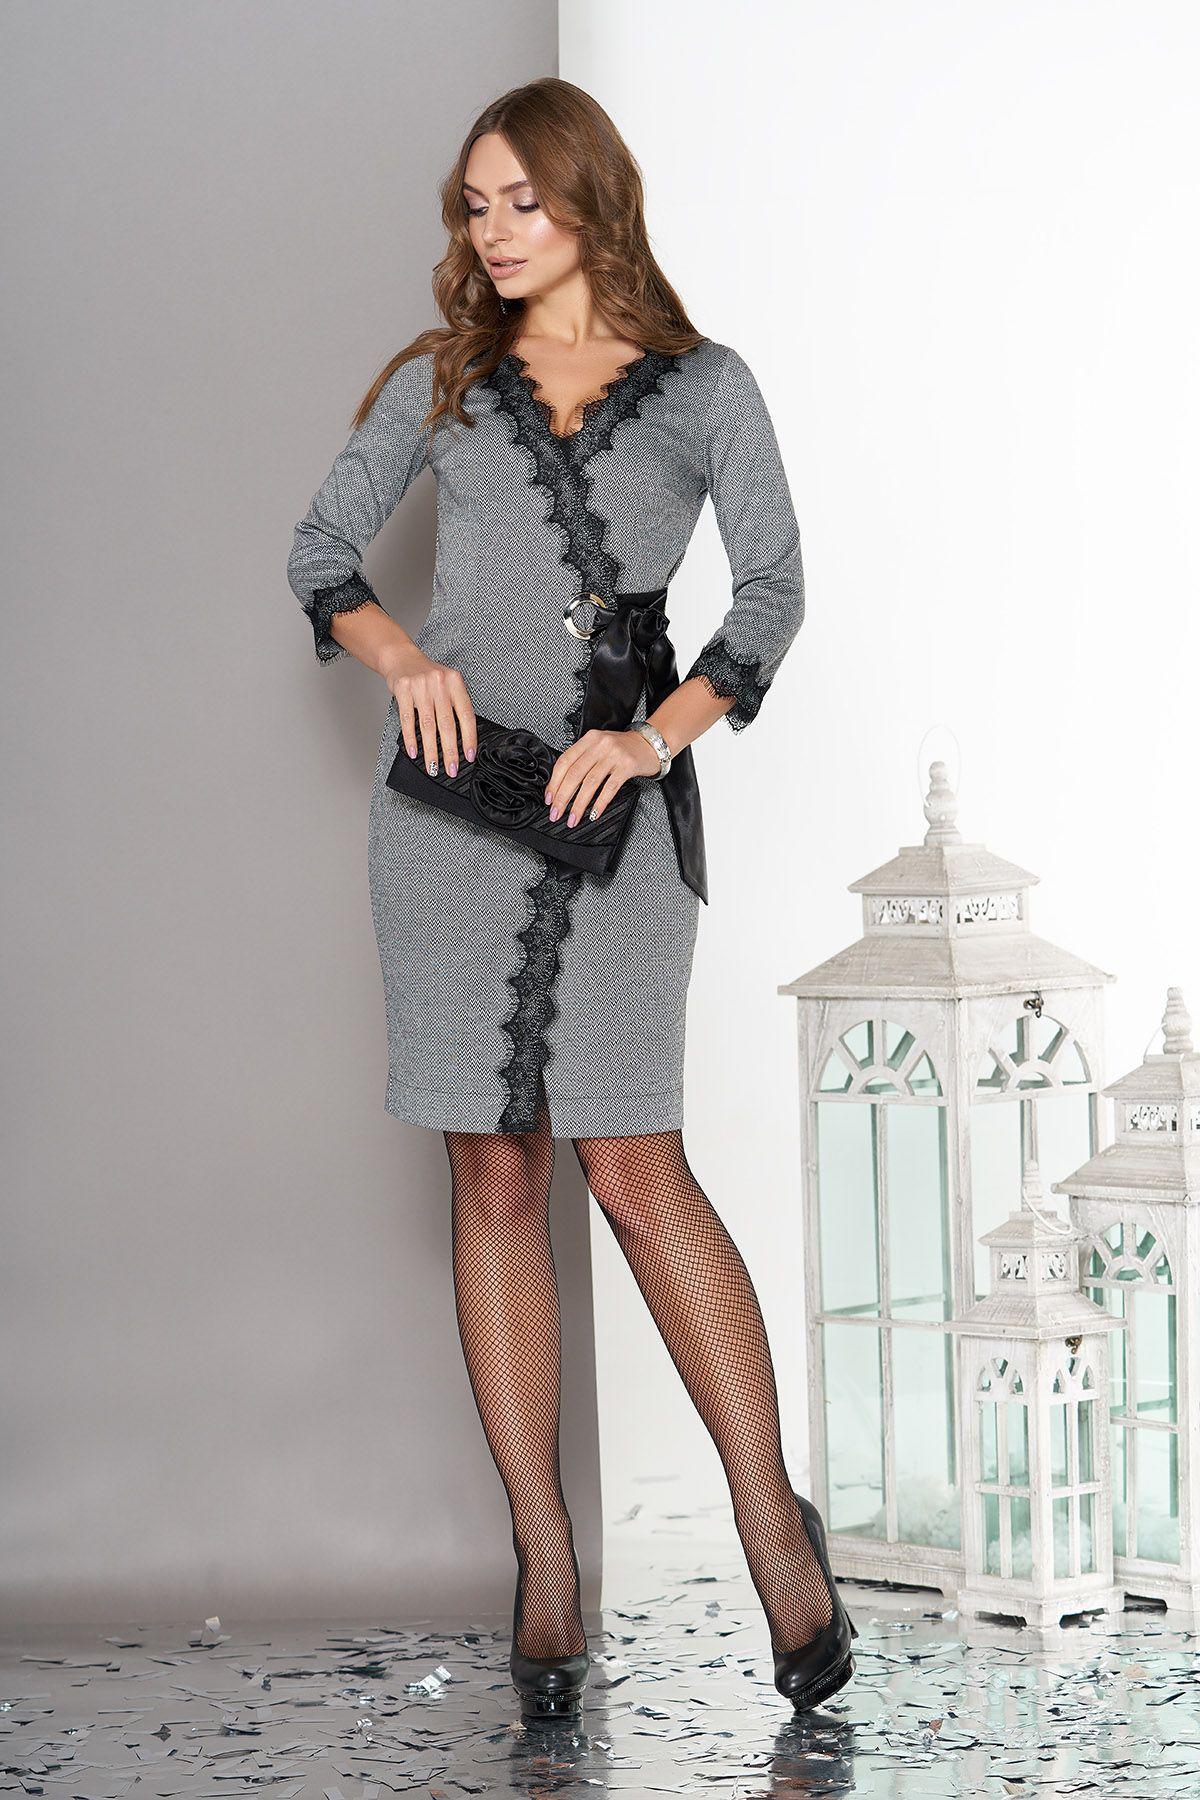 8d43462dad91ffd Элегантное платье-халат с кружевной отделкой и кроем на запах,  образовывающим V-образный